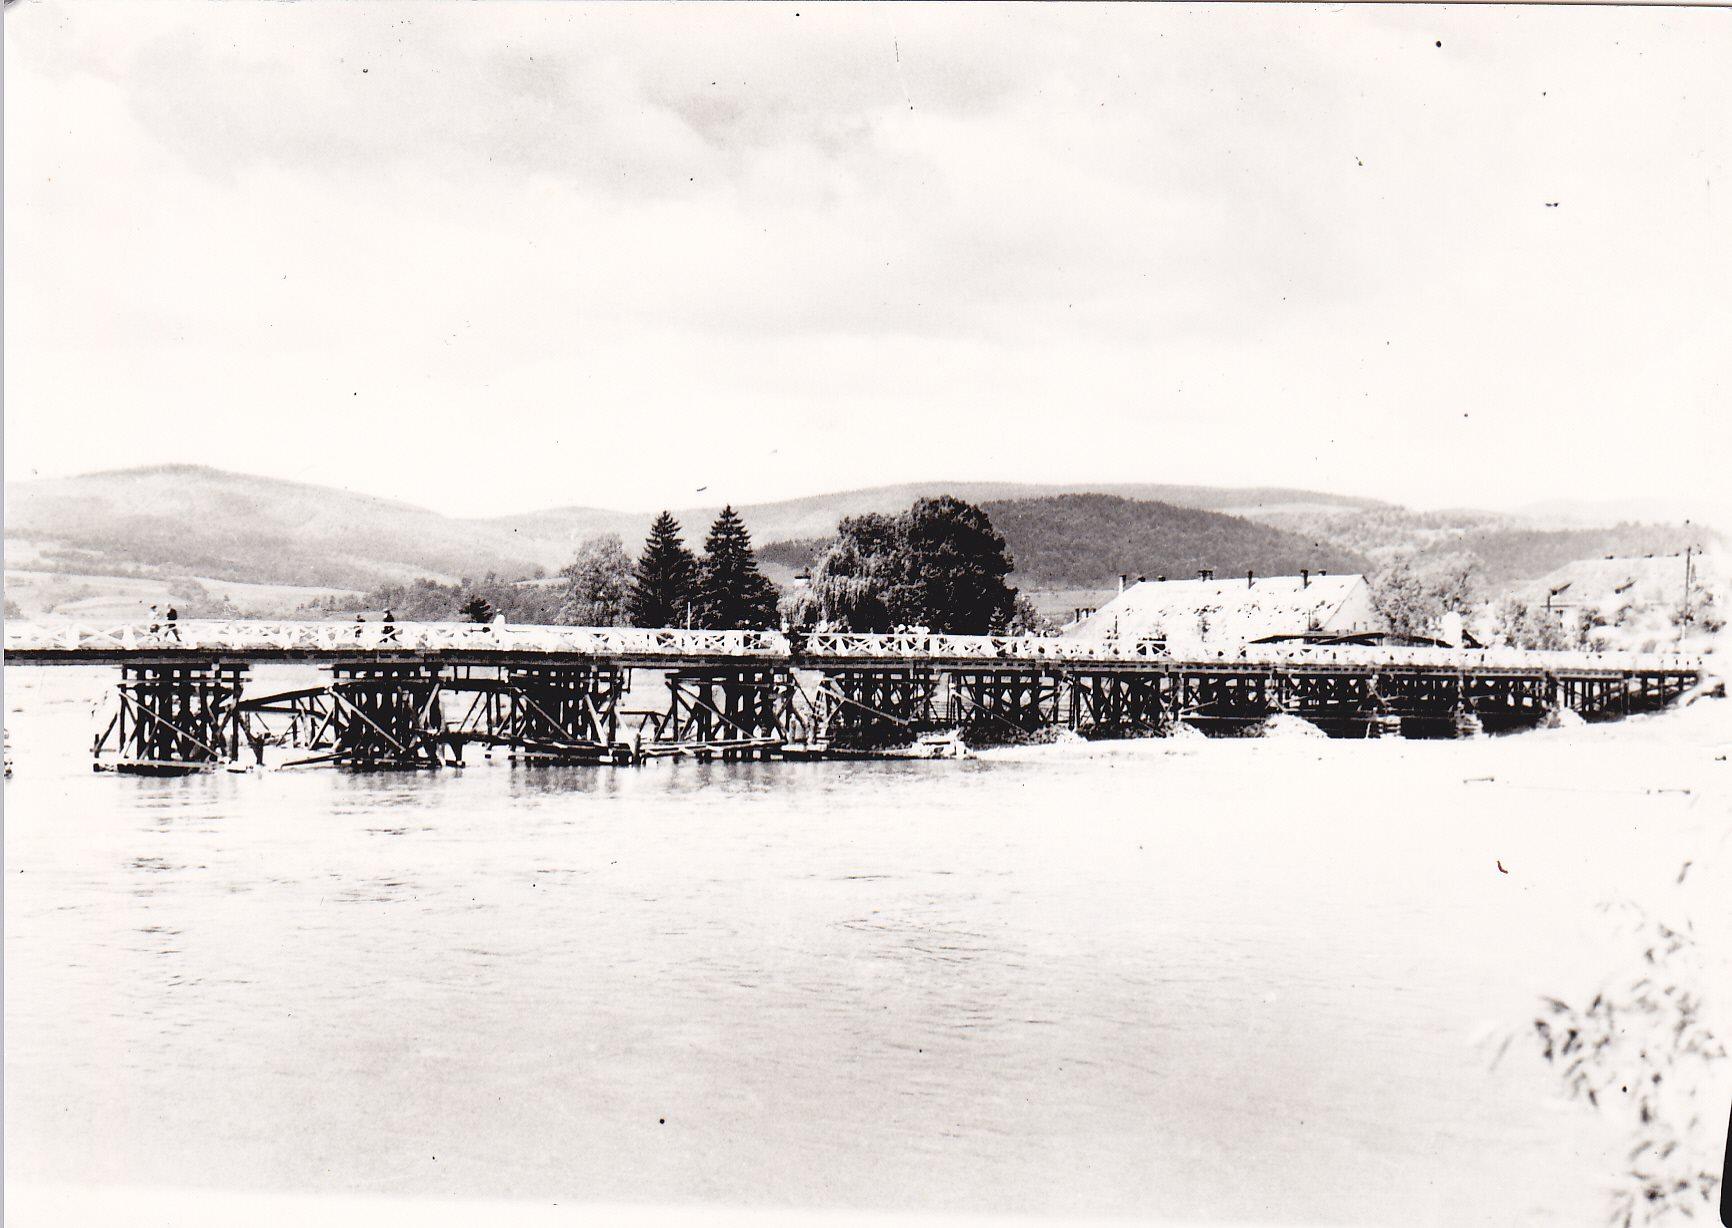 Provizórny drevený most postavený v máji 1945 v spolupráci ČA s obyvateľmi Púchova. ONV po jeho prevzatí žiadal čím-skôr vybudovať nový železný most, keďže by mohlo dôjsť k jeho zničeniu veľkou vodou. Obavy sa naplnili a vo februári 1946 sa Váh vylial z koryta, strhol most a zasiahol celé mesto.